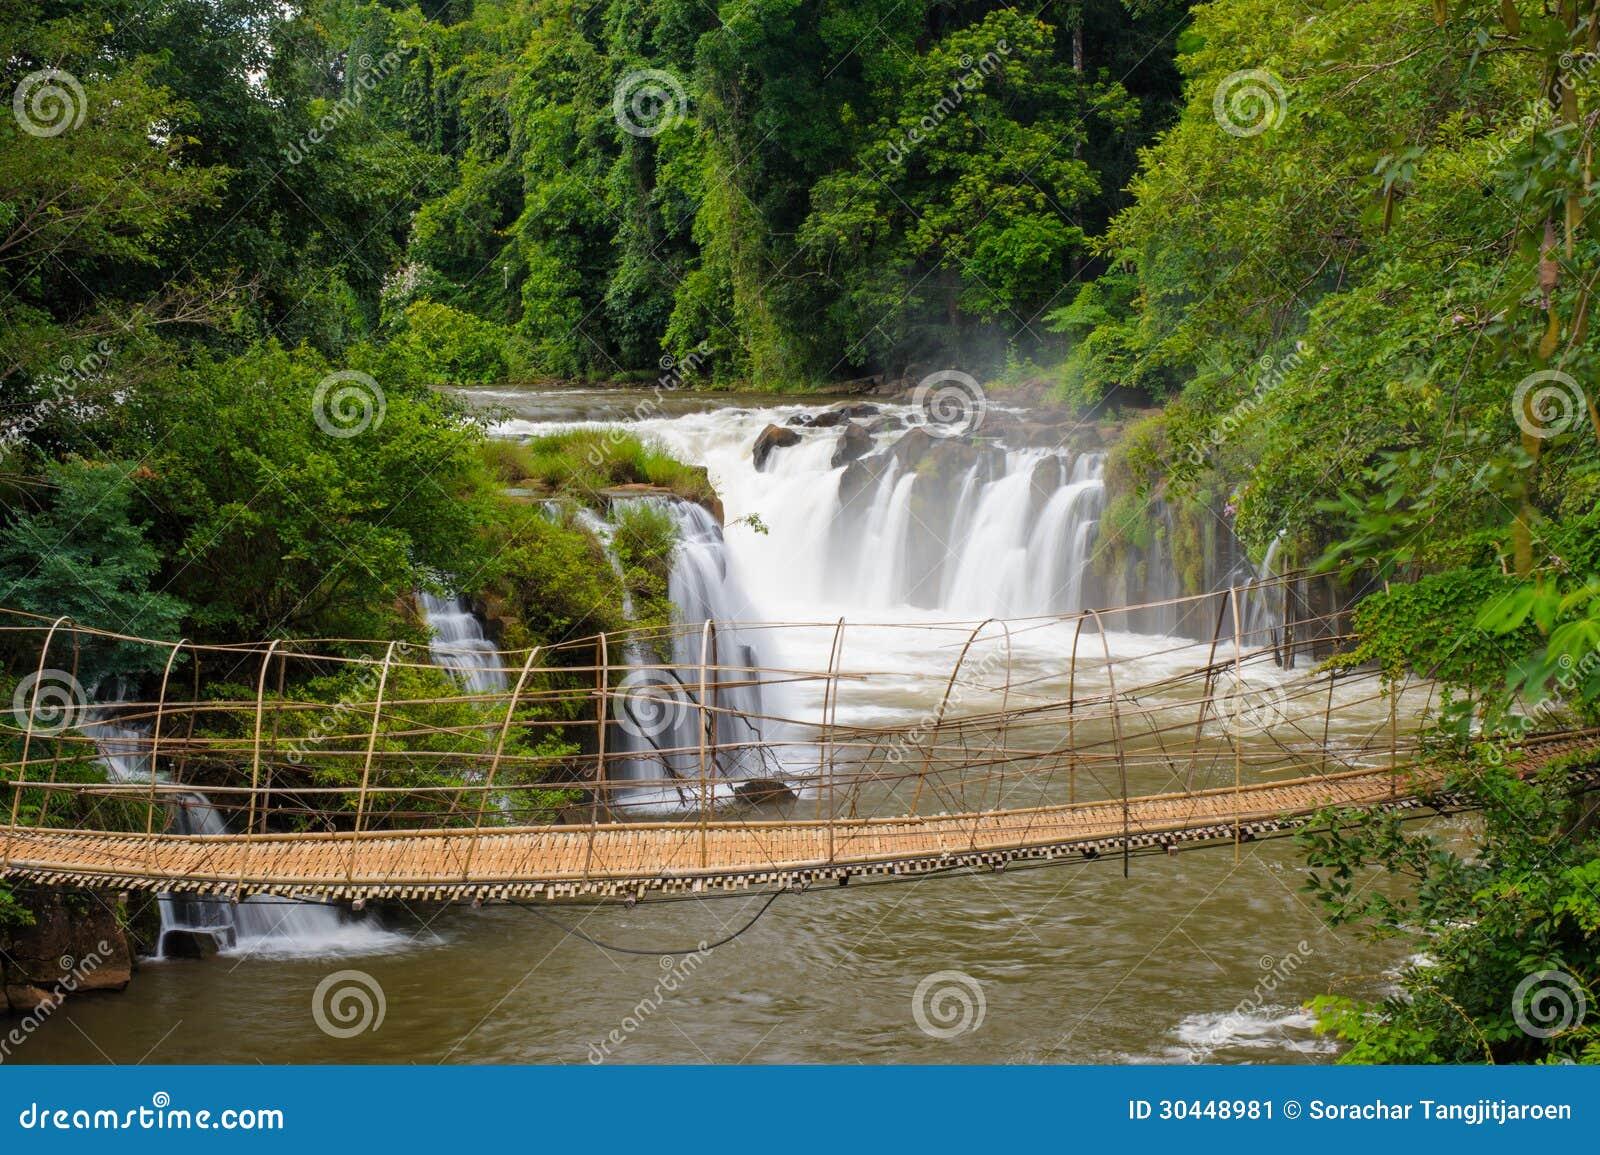 Die Bambusseilbrucke In Tad Pha Souam Wasserfall Laos Stockbild